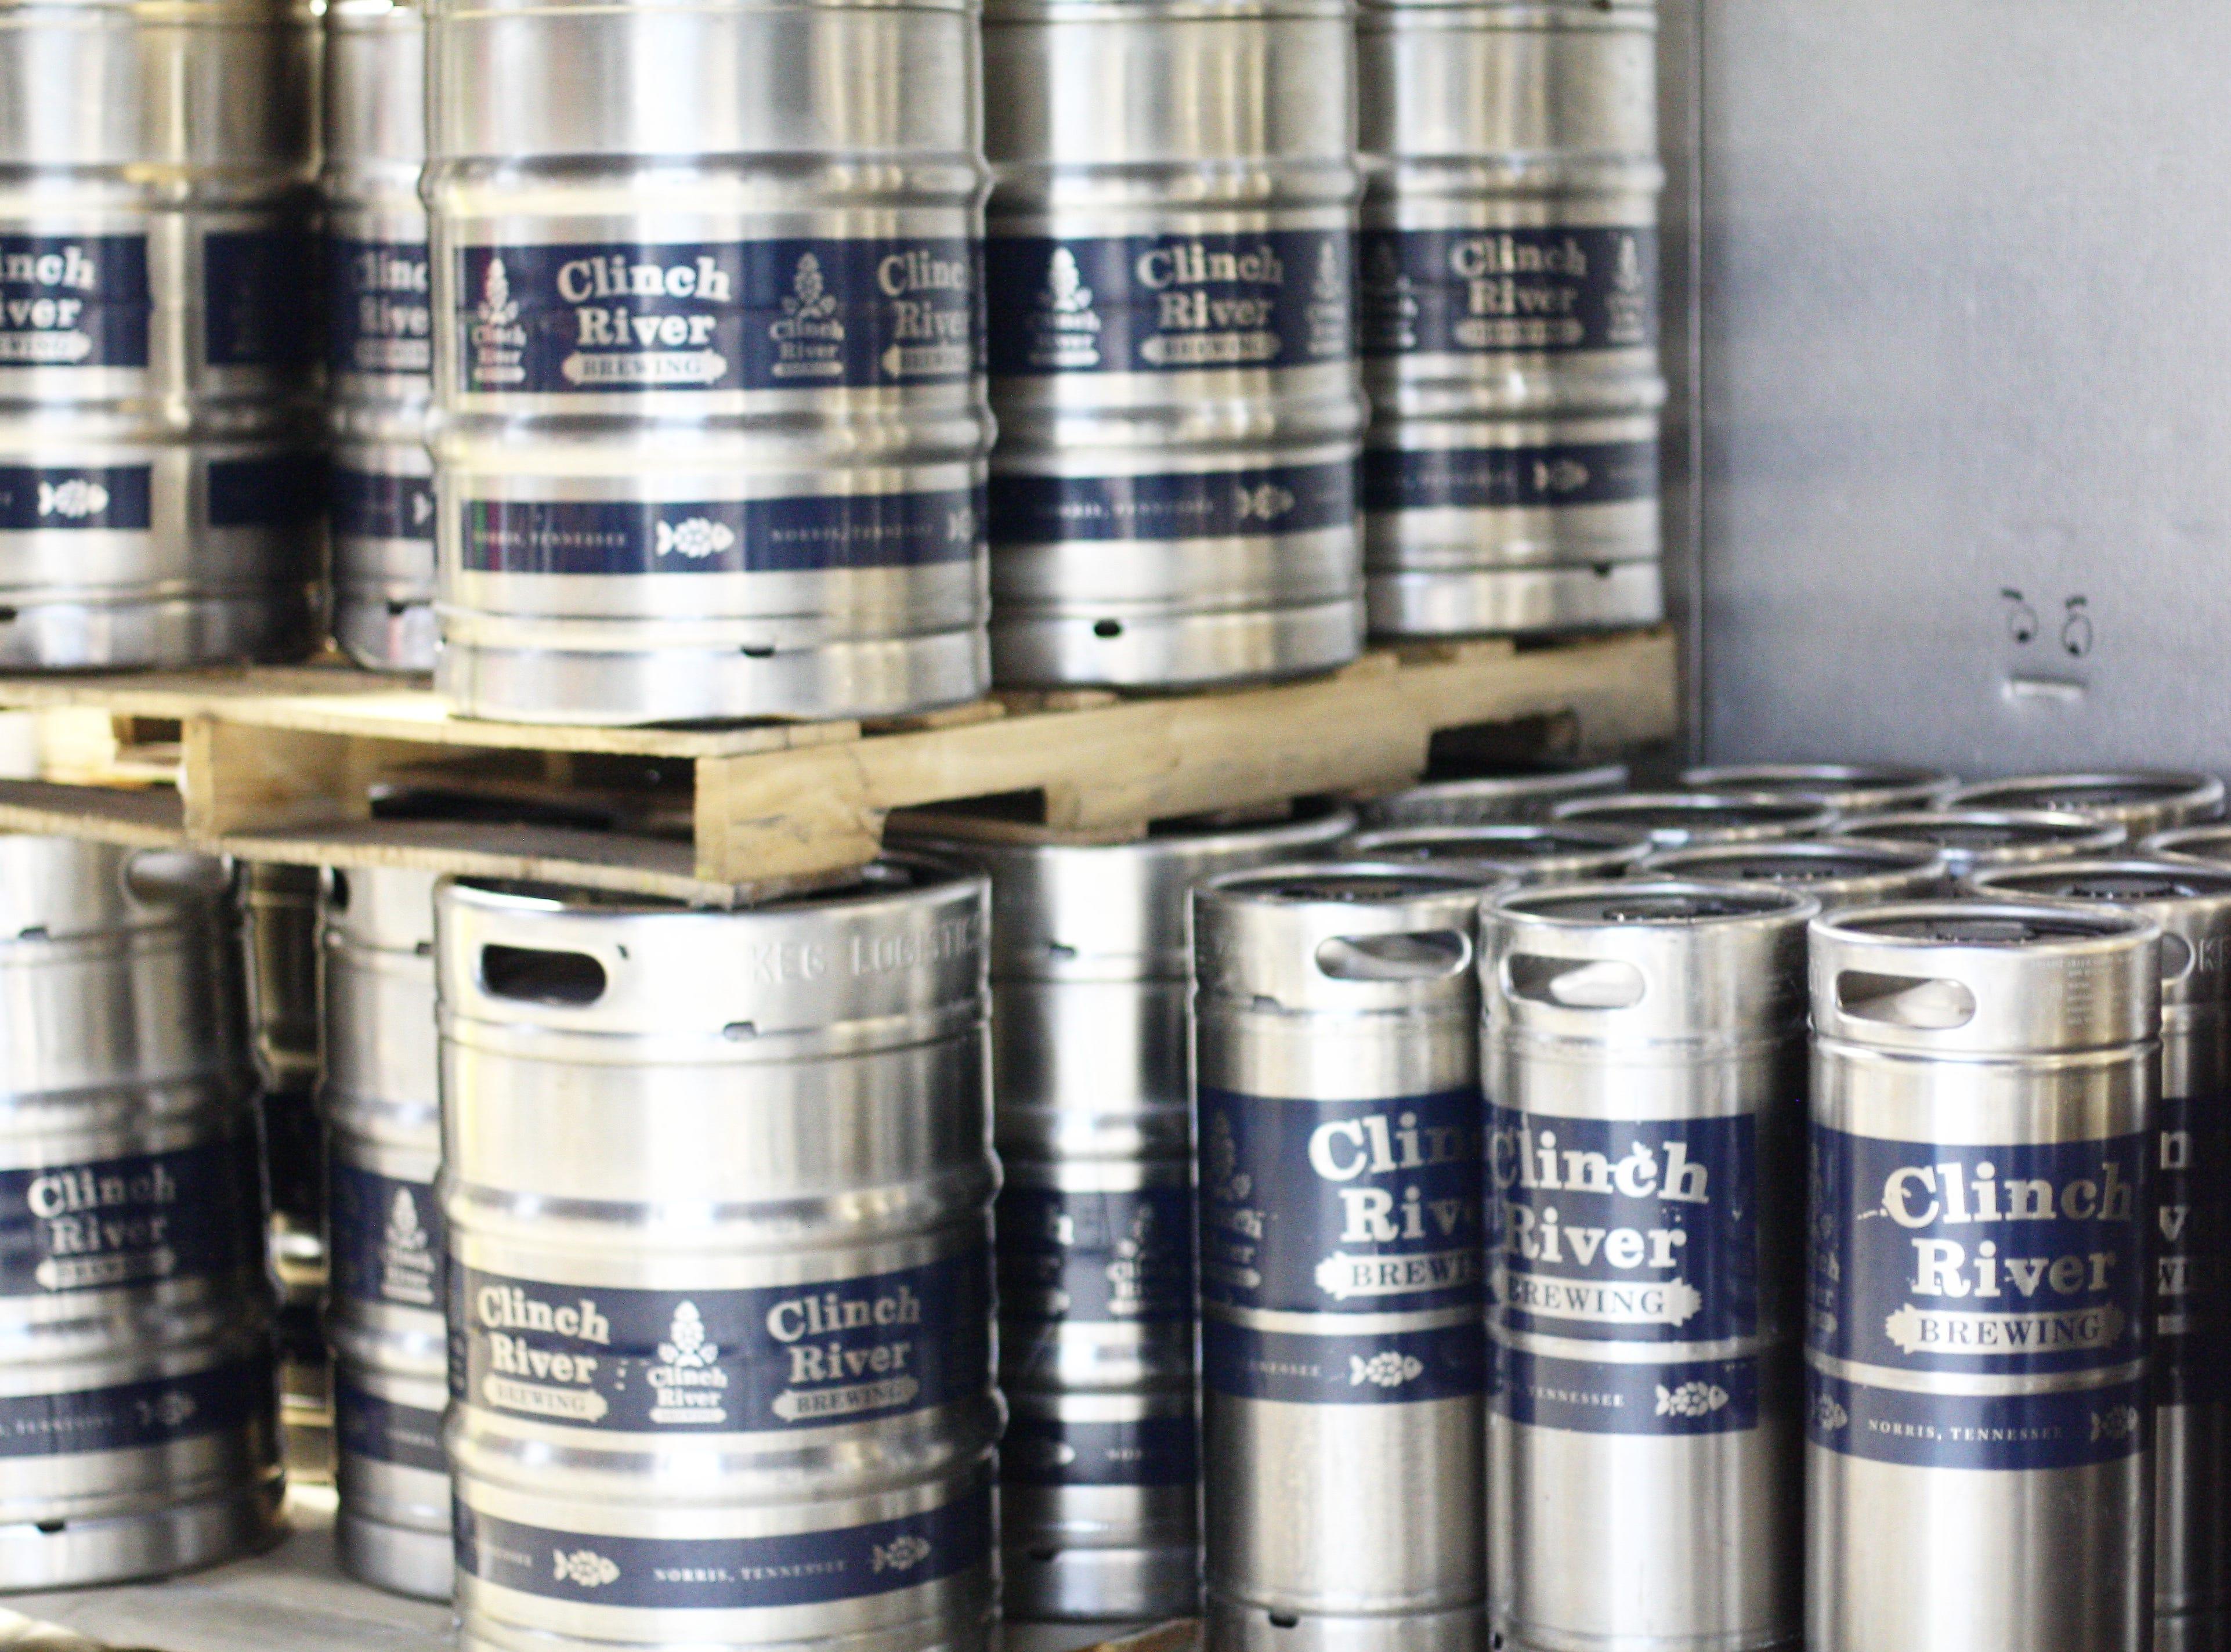 """""""We focus on making """"Sessionable"""" highly drinkable beers, said head brewer, Jordan Skeen."""